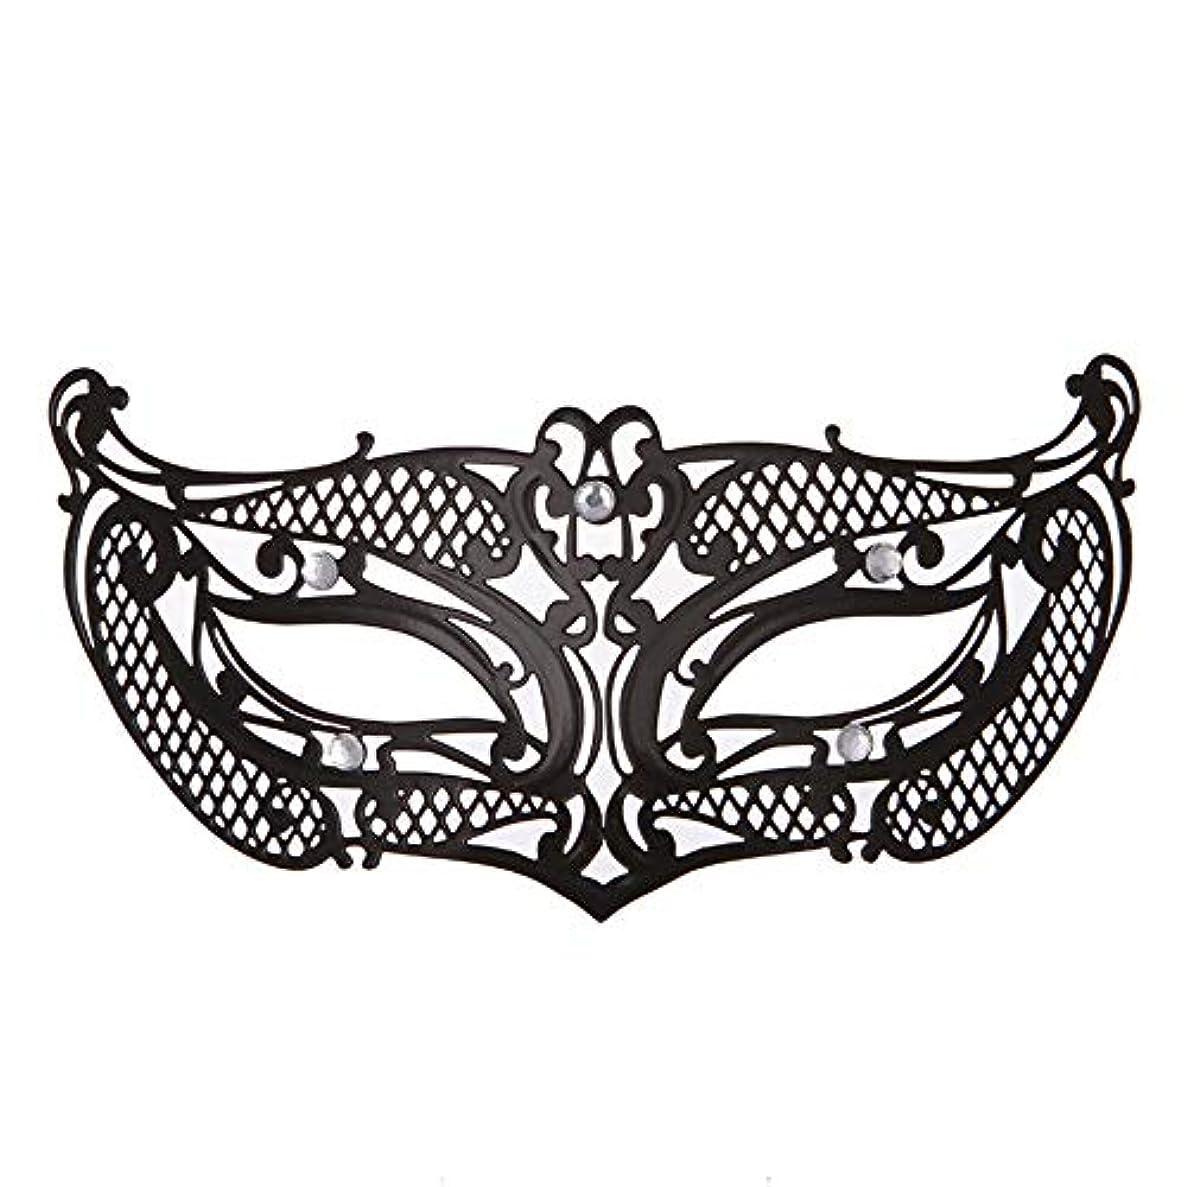 エール広まったムスタチオダンスマスク アイアンメタリックレースとダイヤモンドハーフマスクハロウィンダンスマスクナイトクラブボールマスクコスプレパーティーハロウィンマスク ホリデーパーティー用品 (色 : ブラック, サイズ : 19x8cm)